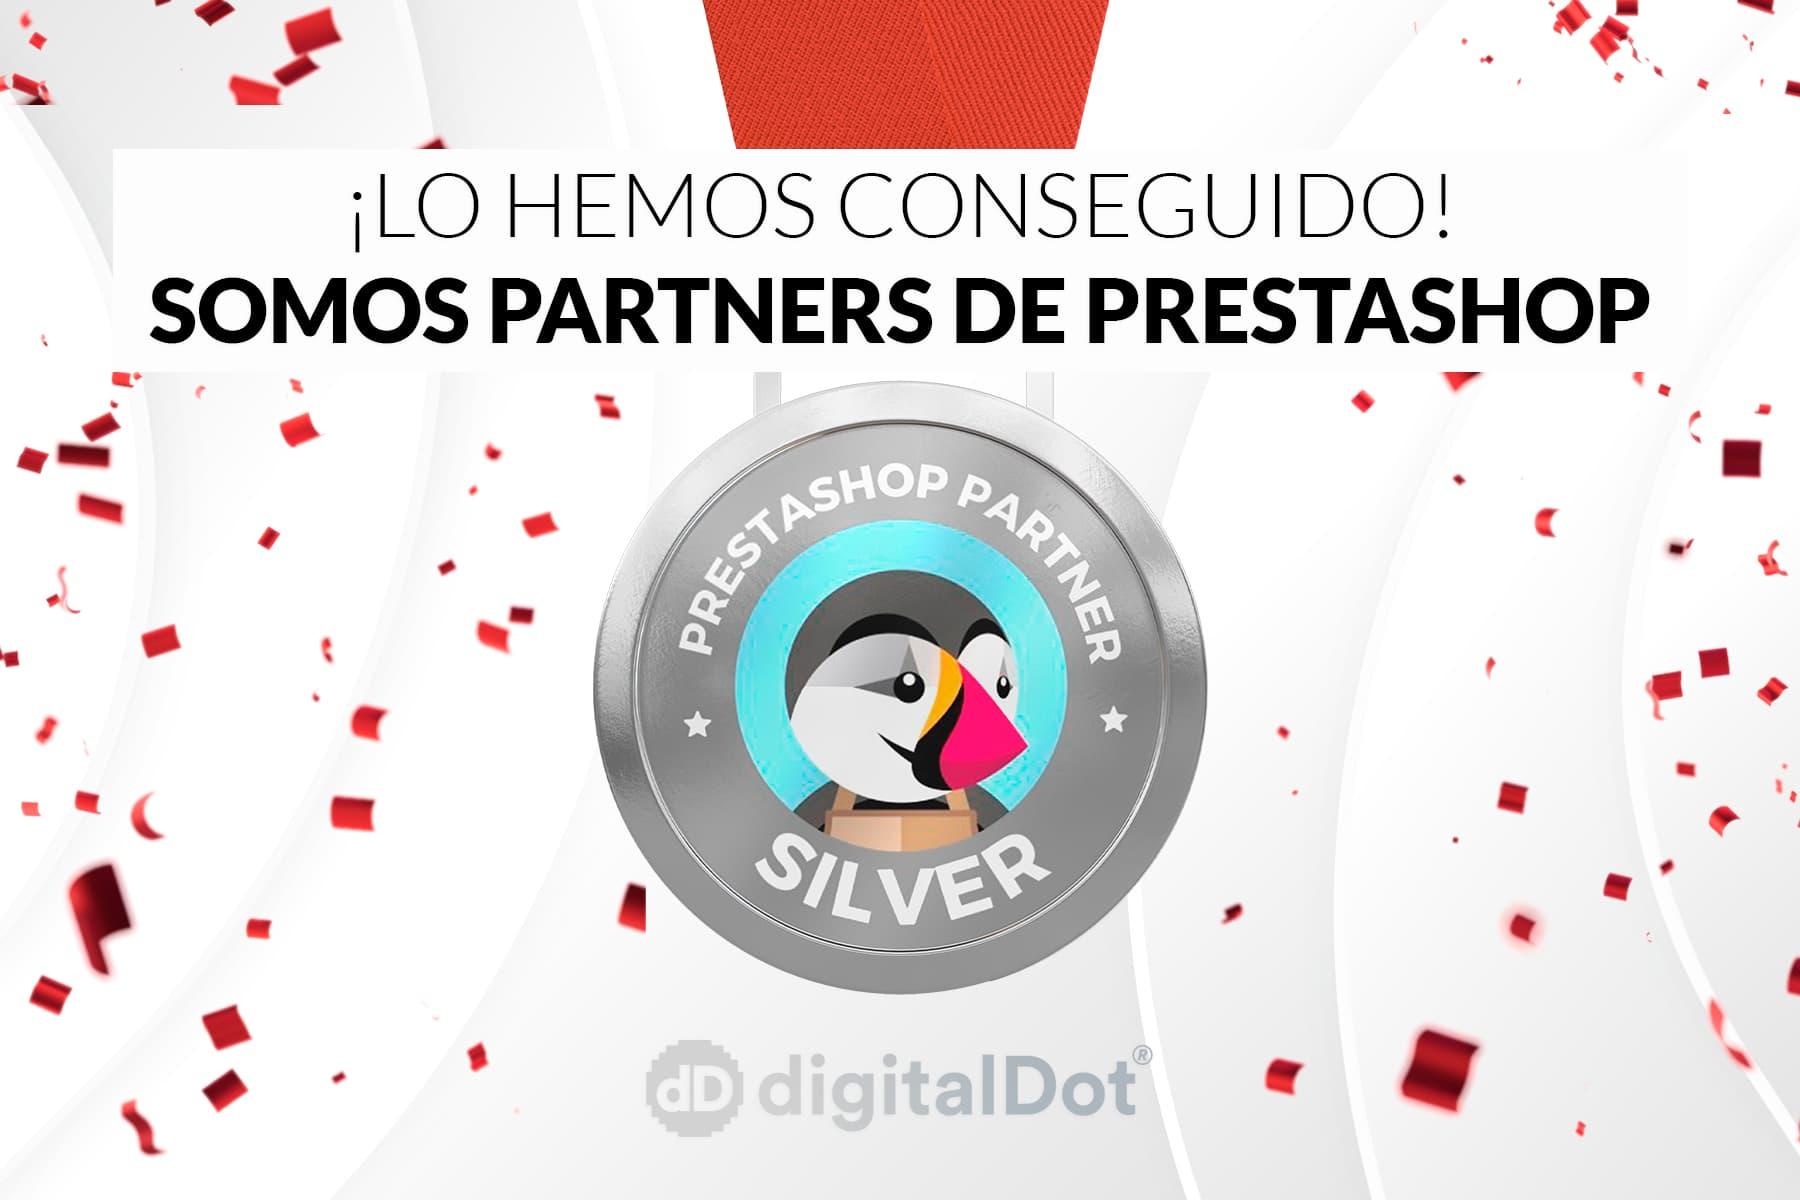 partners prestashop silver